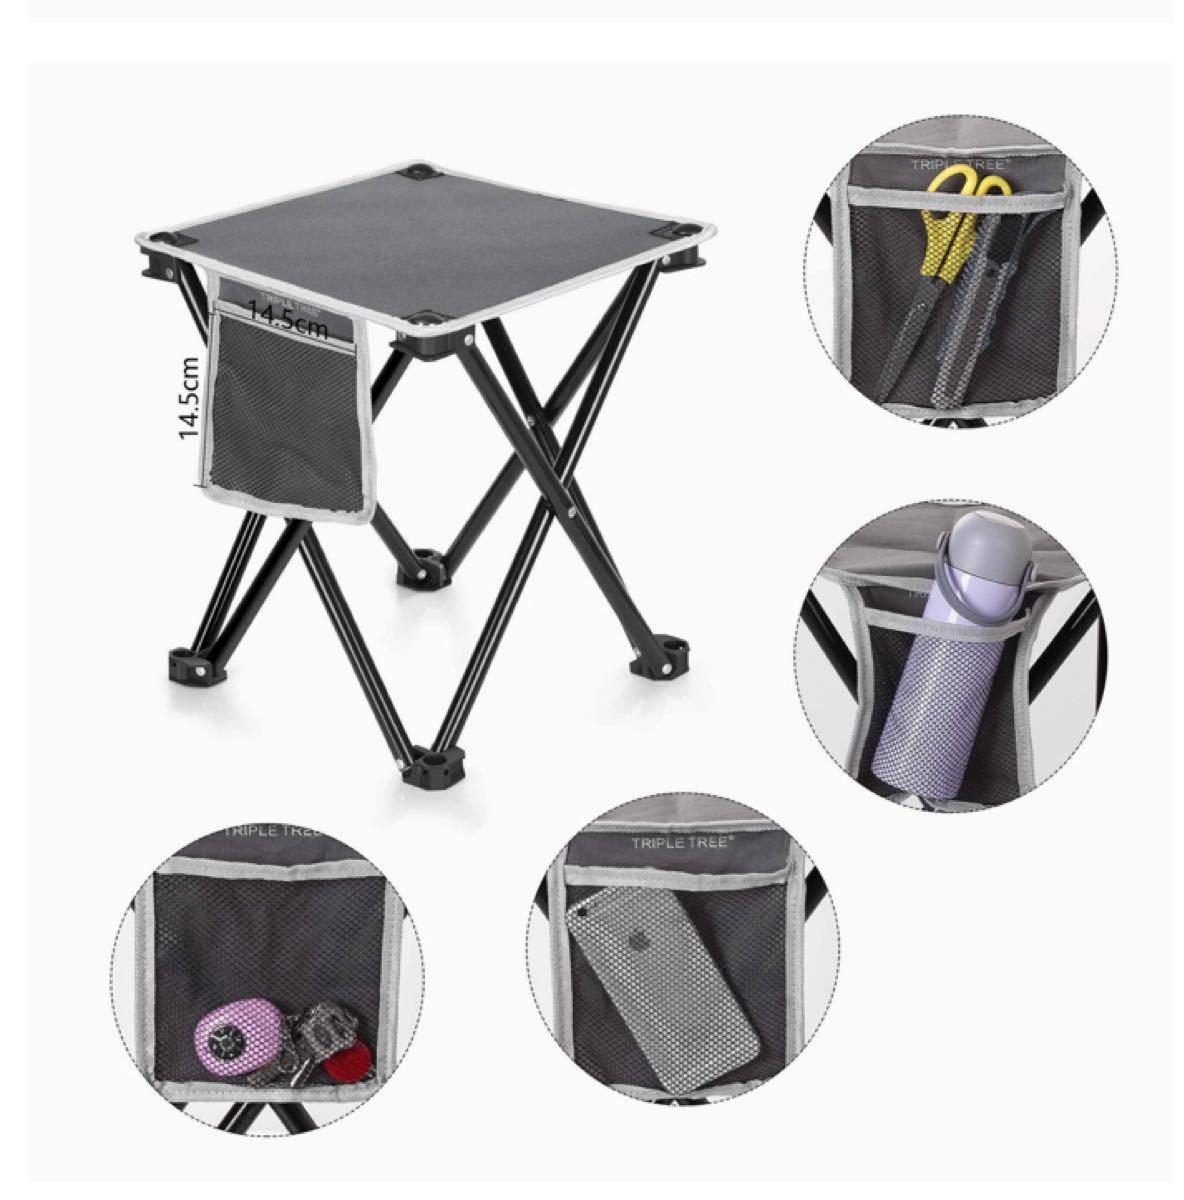 アウトドアチェア 折りたたみ 椅子2脚 【耐荷重180kg】